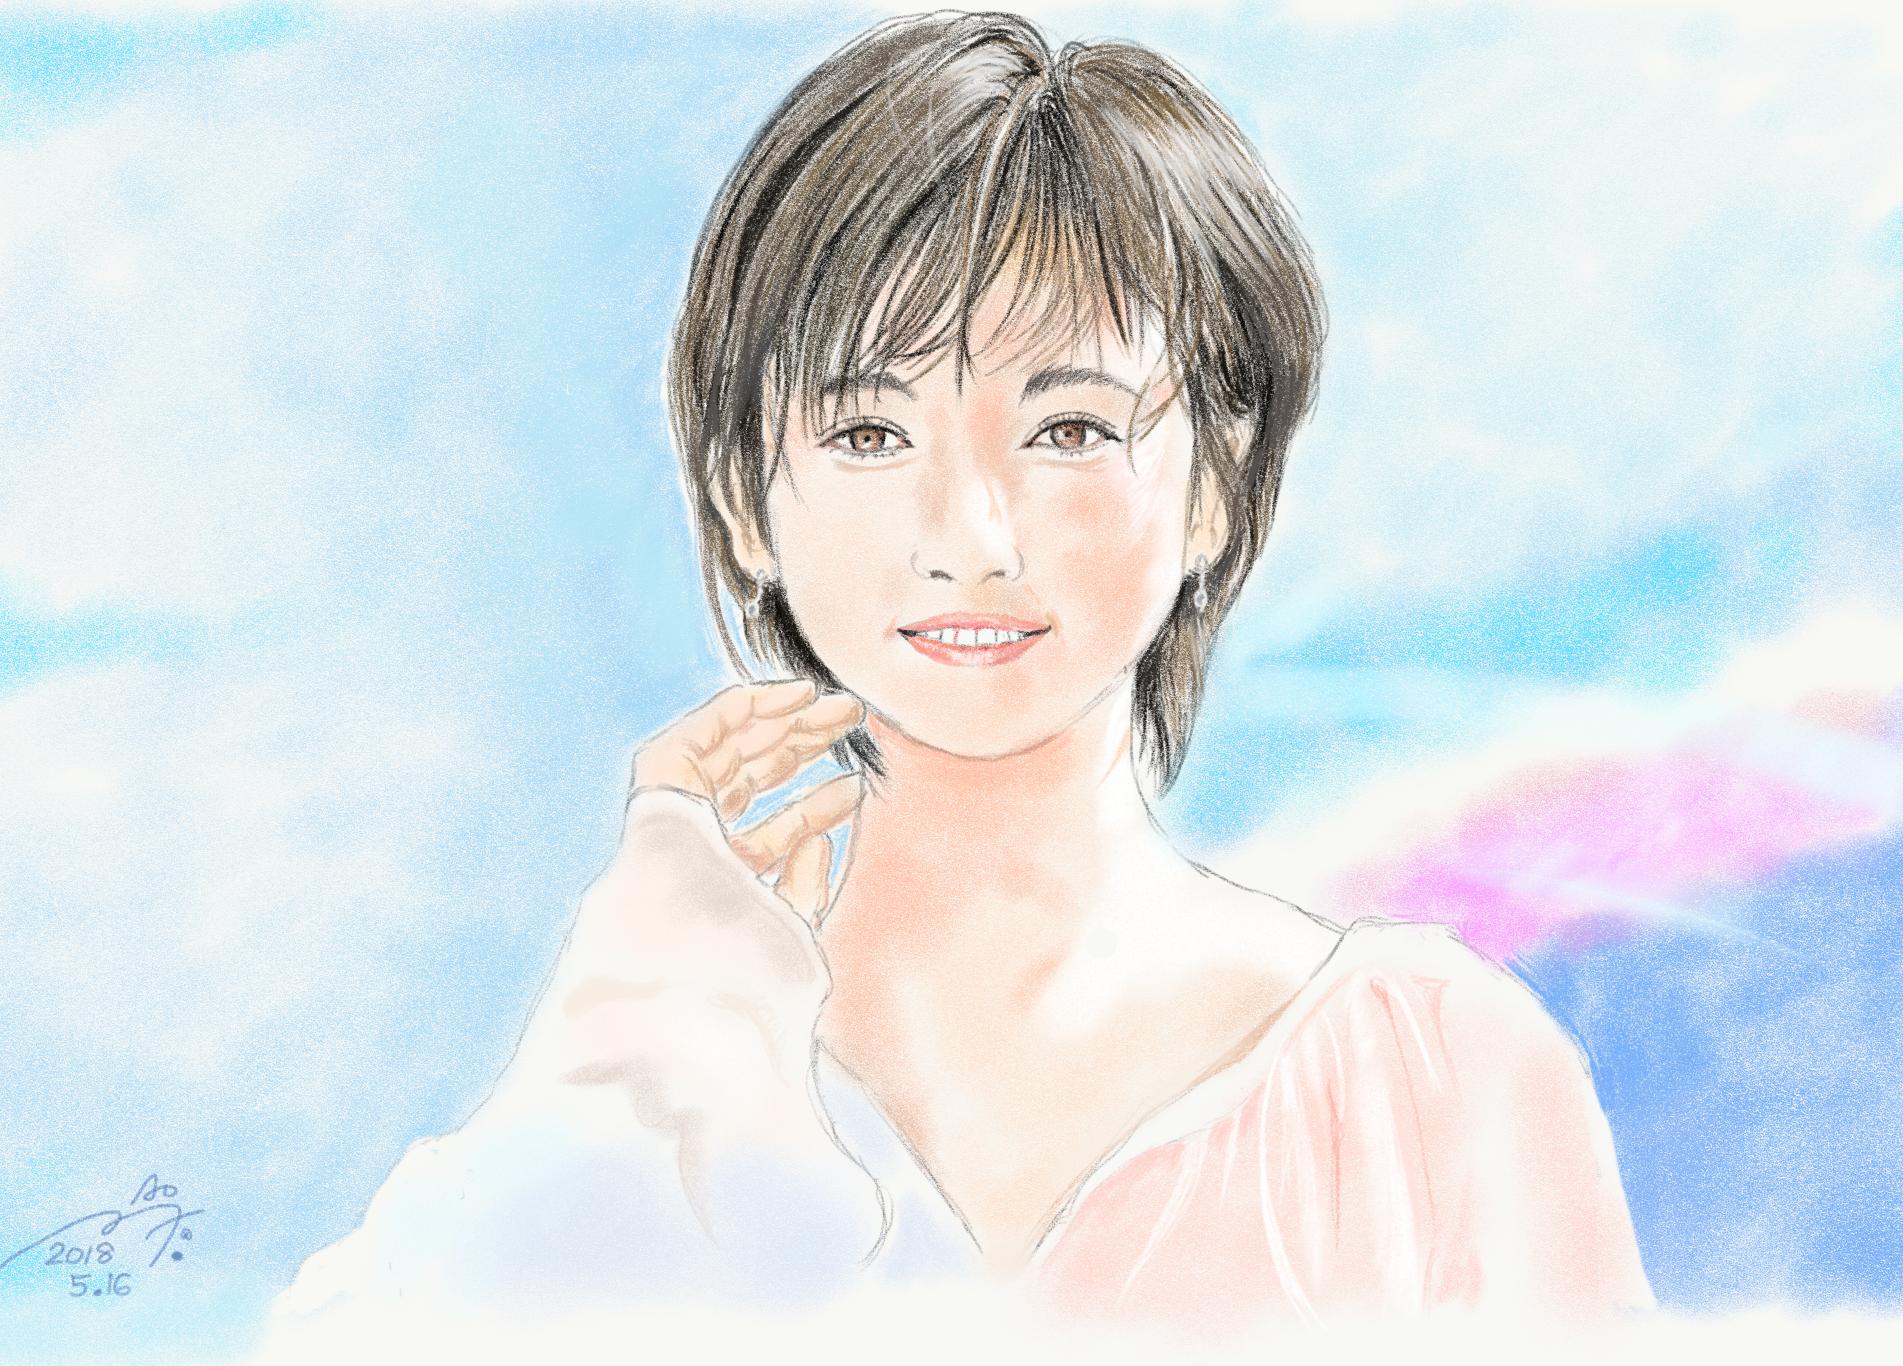 木村文乃の似顔絵